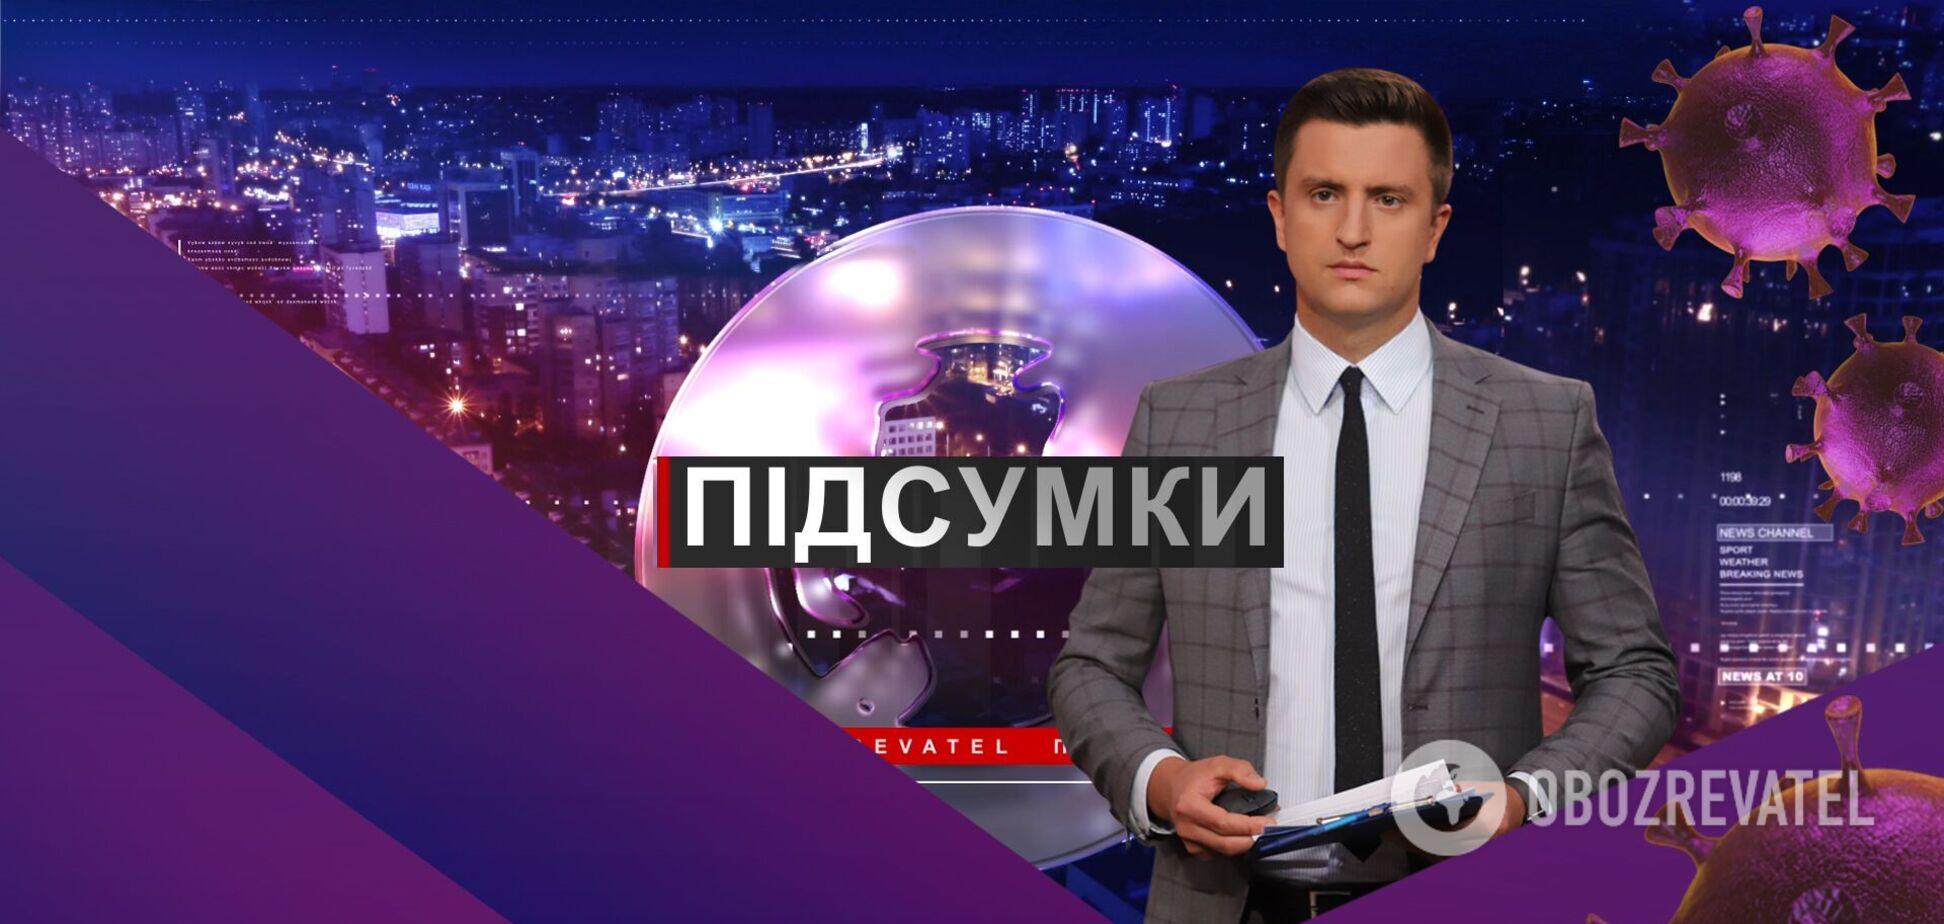 Підсумки дня з Вадимом Колодійчуком. Вівторок, 29 грудня